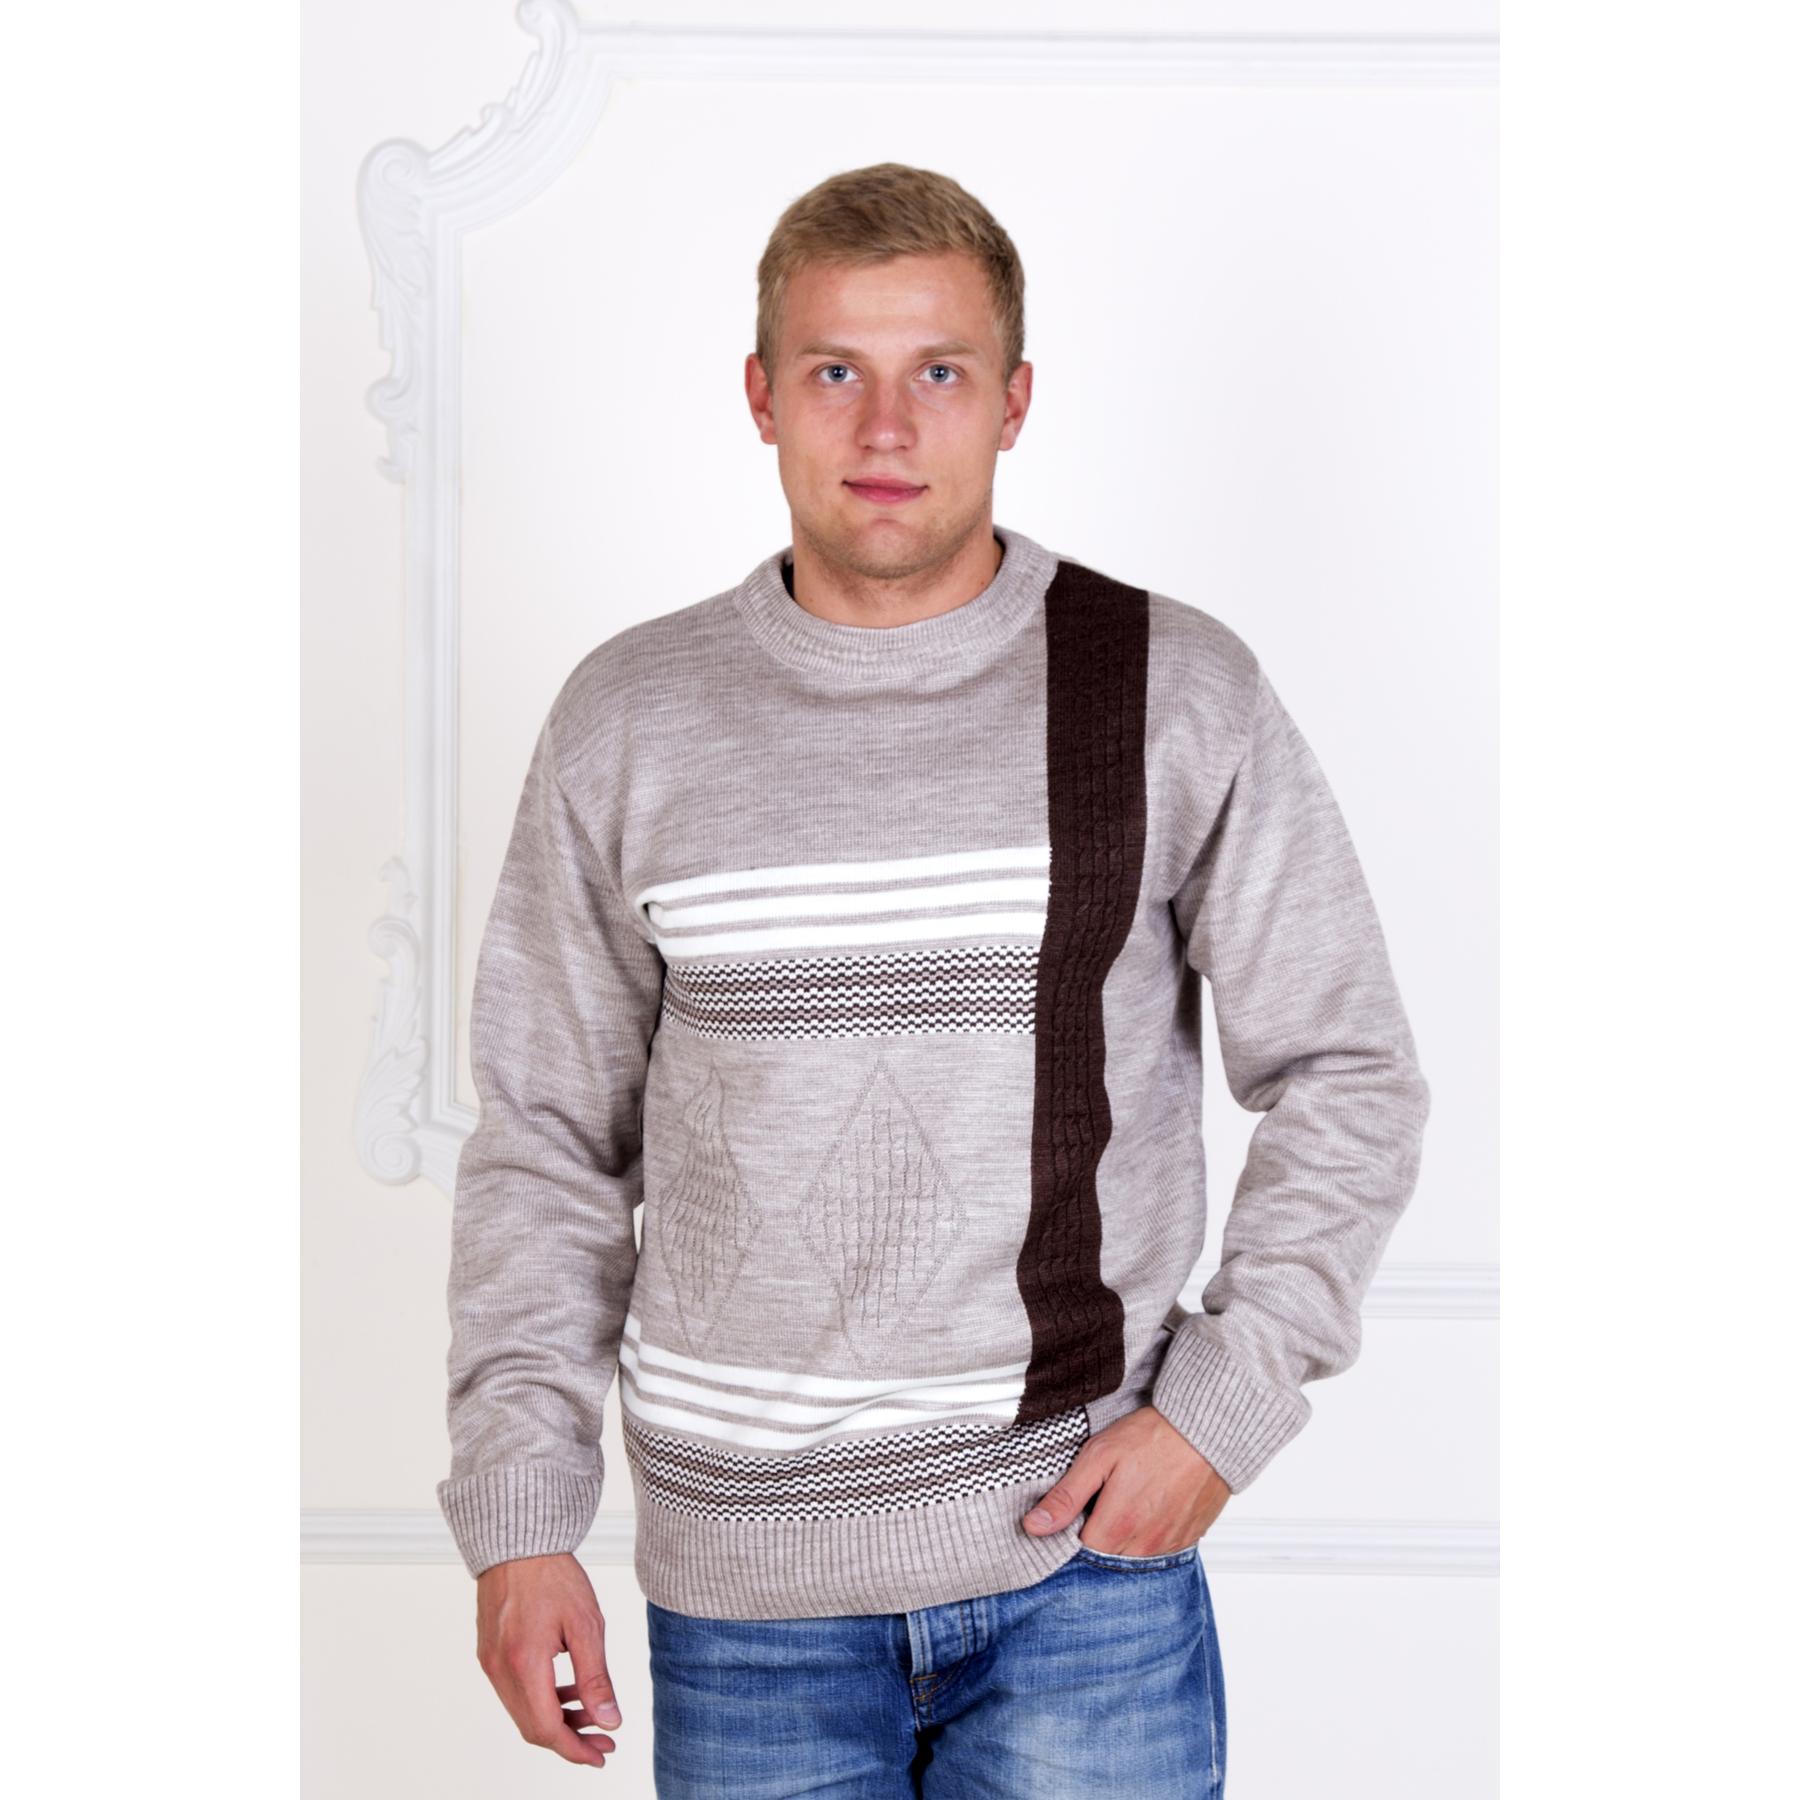 Мужской джемпер «Cotton», размер 48Толстовки, джемпера и рубашки<br>Обхват груди:96 см<br>Обхват талии:88 см<br>Обхват бедер:102 см<br>Рост:172-180 см<br><br>Тип: Муж. кофта<br>Размер: 48<br>Материал: Овечья шерсть